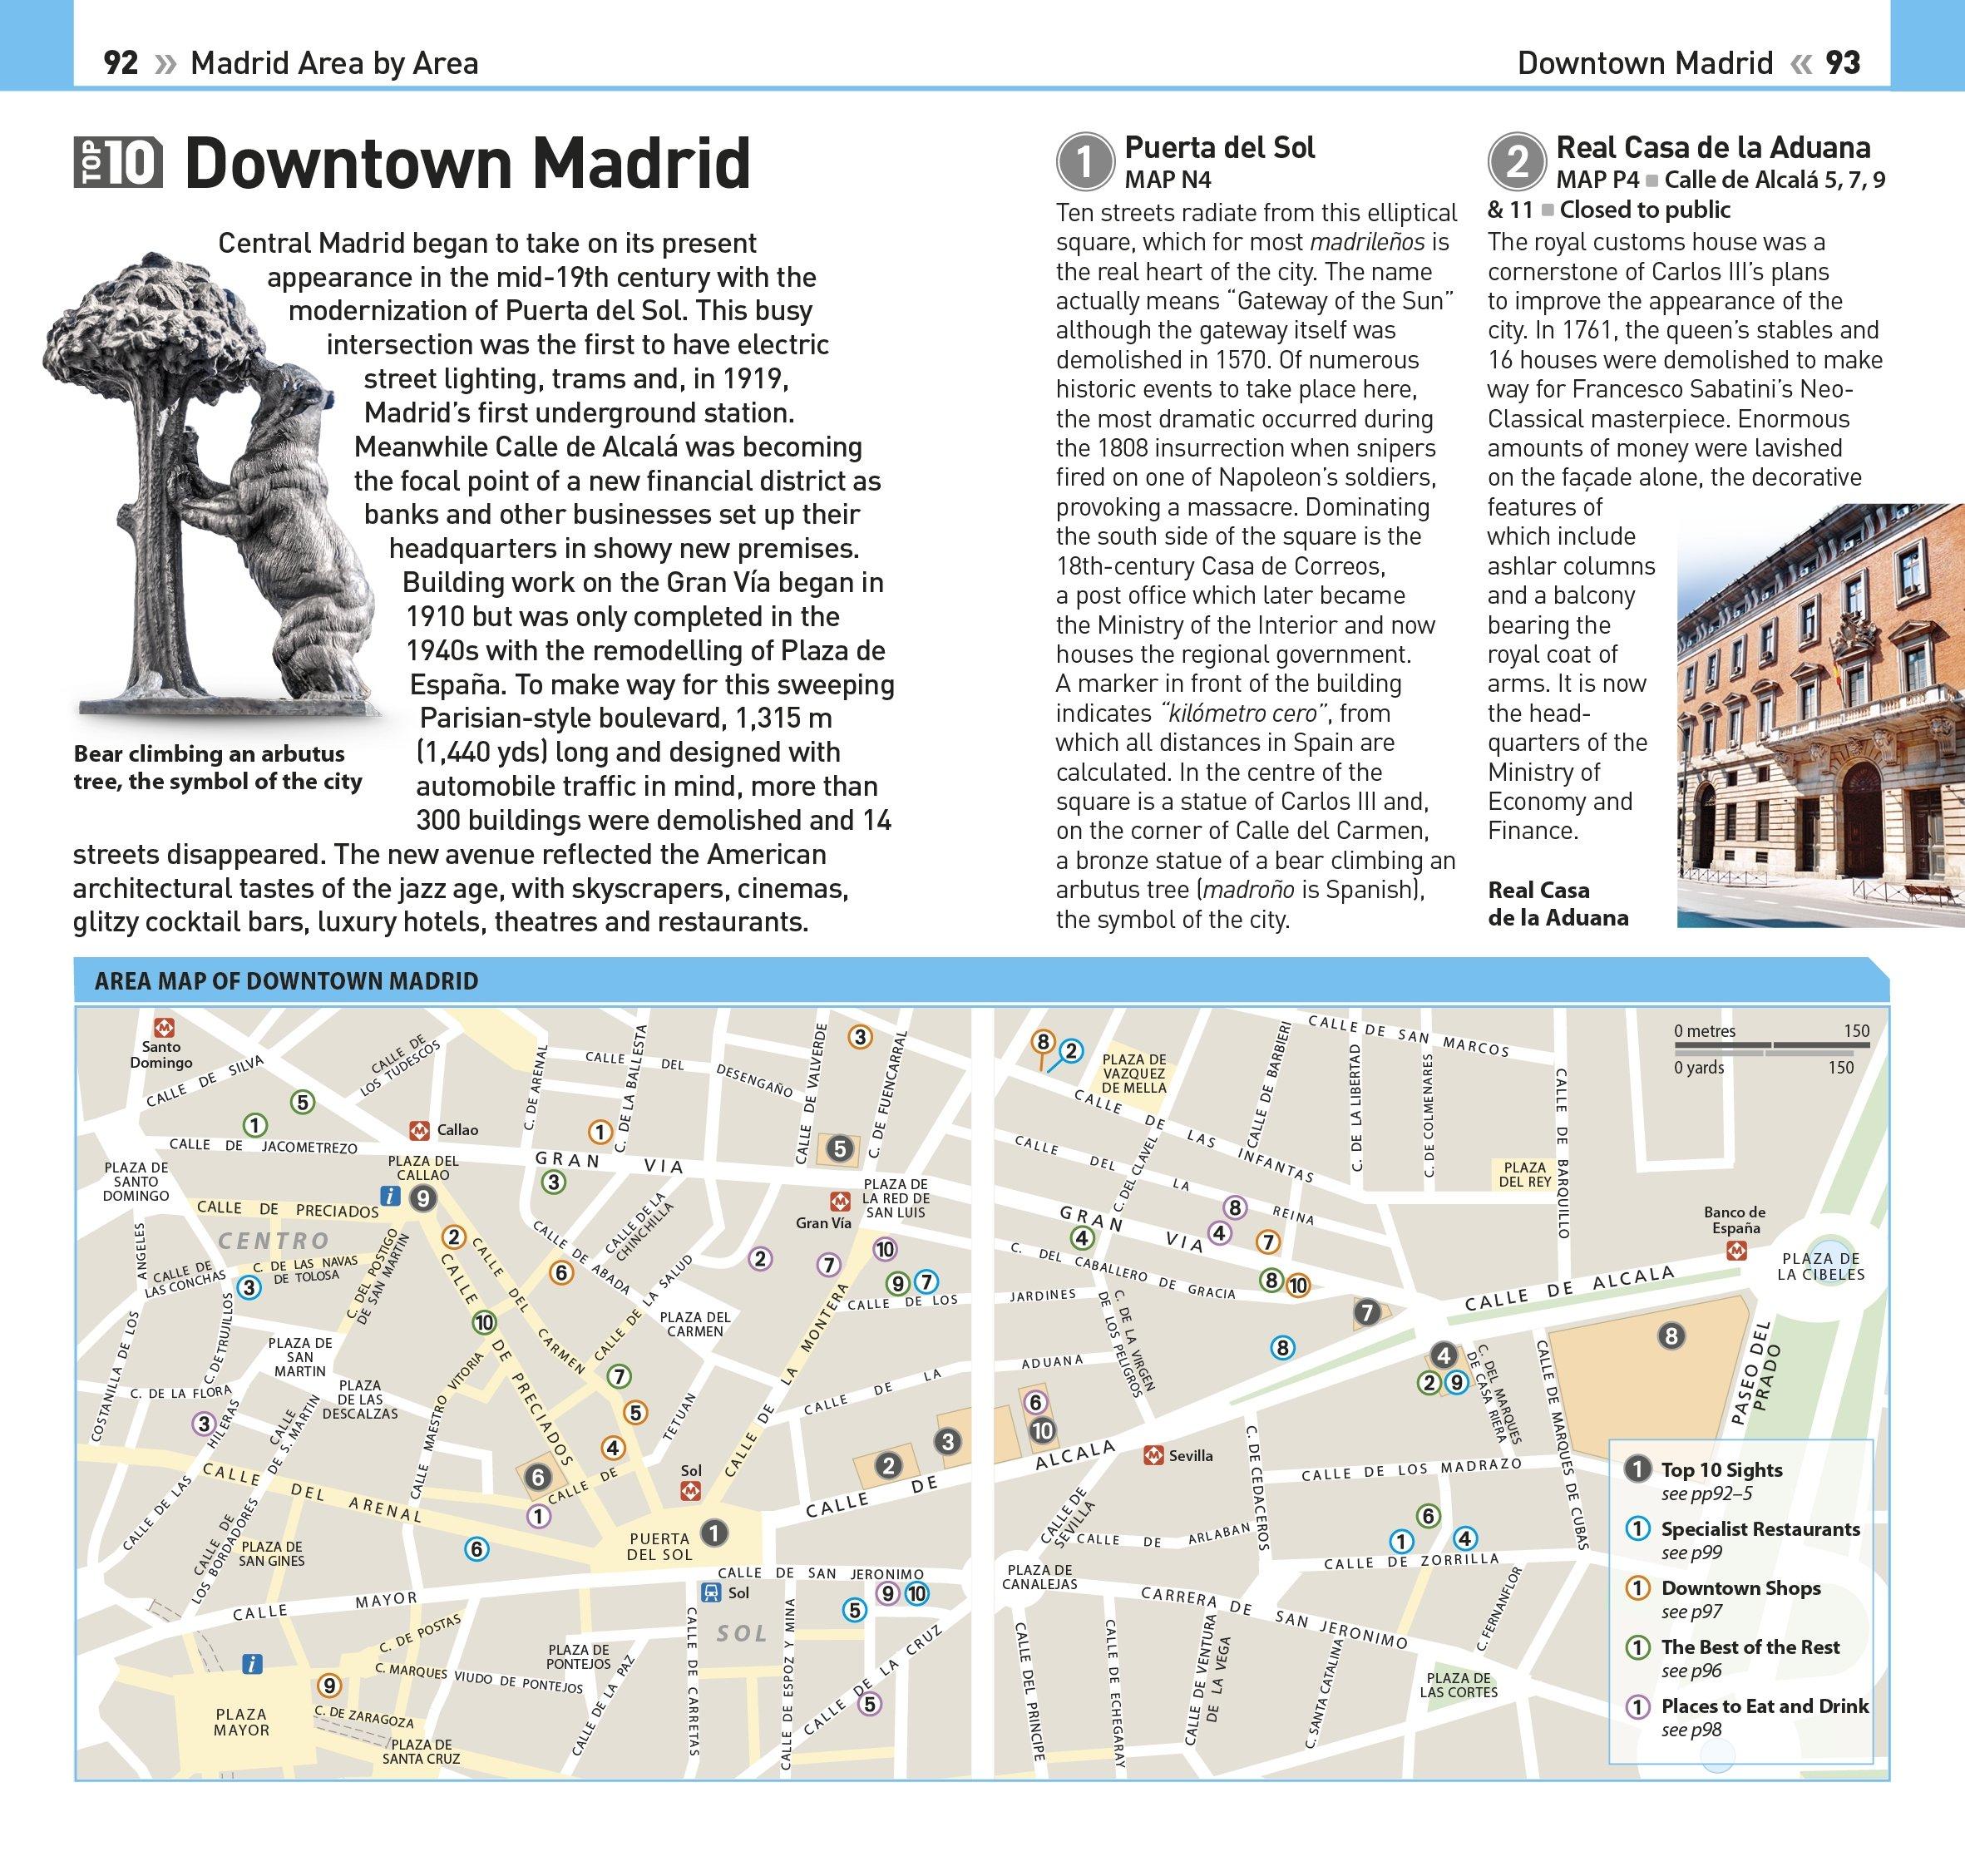 Top 10 Madrid (Eyewitness Top 10 Travel Guide): DK Travel ... Madrid Sightseeing Map on philadelphia sightseeing map, portland sightseeing map, bronx new york sightseeing map, hong kong sightseeing map, albuquerque sightseeing map, bergen sightseeing map, montreal sightseeing map, madrid sights, cologne sightseeing map, rome sightseeing map, naples sightseeing map, boston sightseeing map, london sightseeing map, zurich sightseeing map, nagoya sightseeing map, houston sightseeing map, barcelona sightseeing map, miami sightseeing map, munich sightseeing map, berlin sightseeing map,